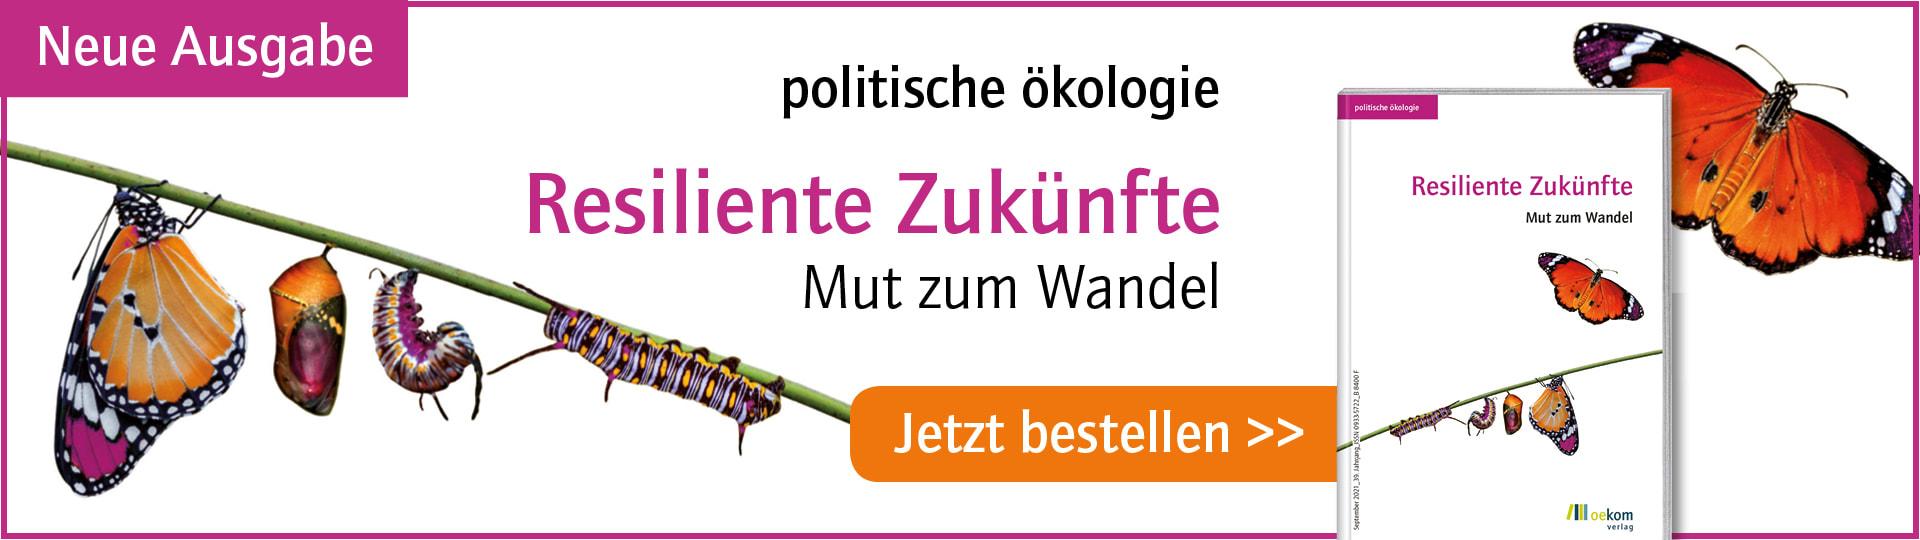 Werbebanner zur neuen Ausgabe der Zeitschrift politische ökologie